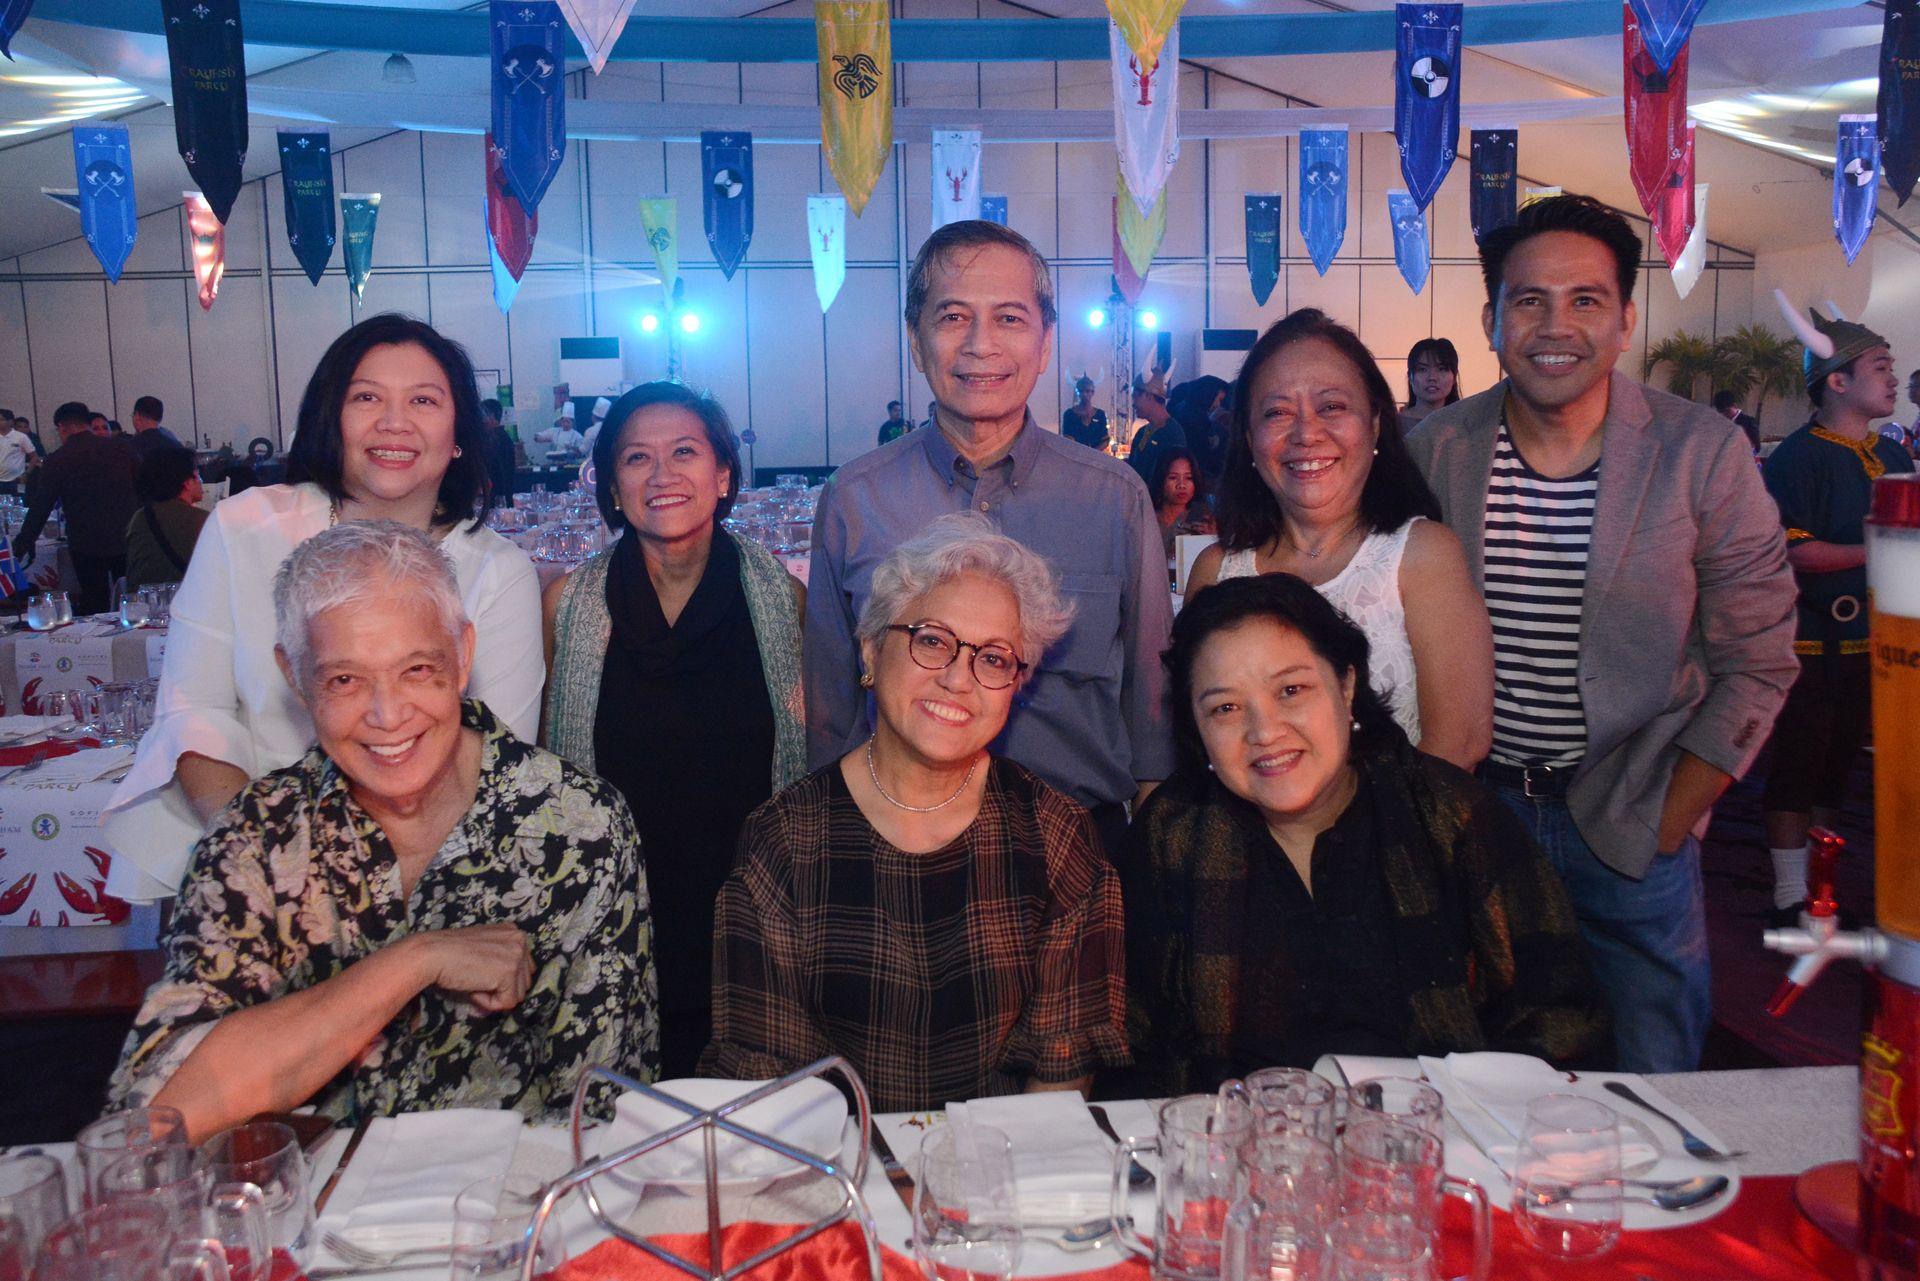 Loi Arcenas, Becca Jose, Jinggay Caimo, Leah Magallanes, Tess Rances, CCP Trustee Nestor Jardin, Bernie Abella and Neil Rumbaoa